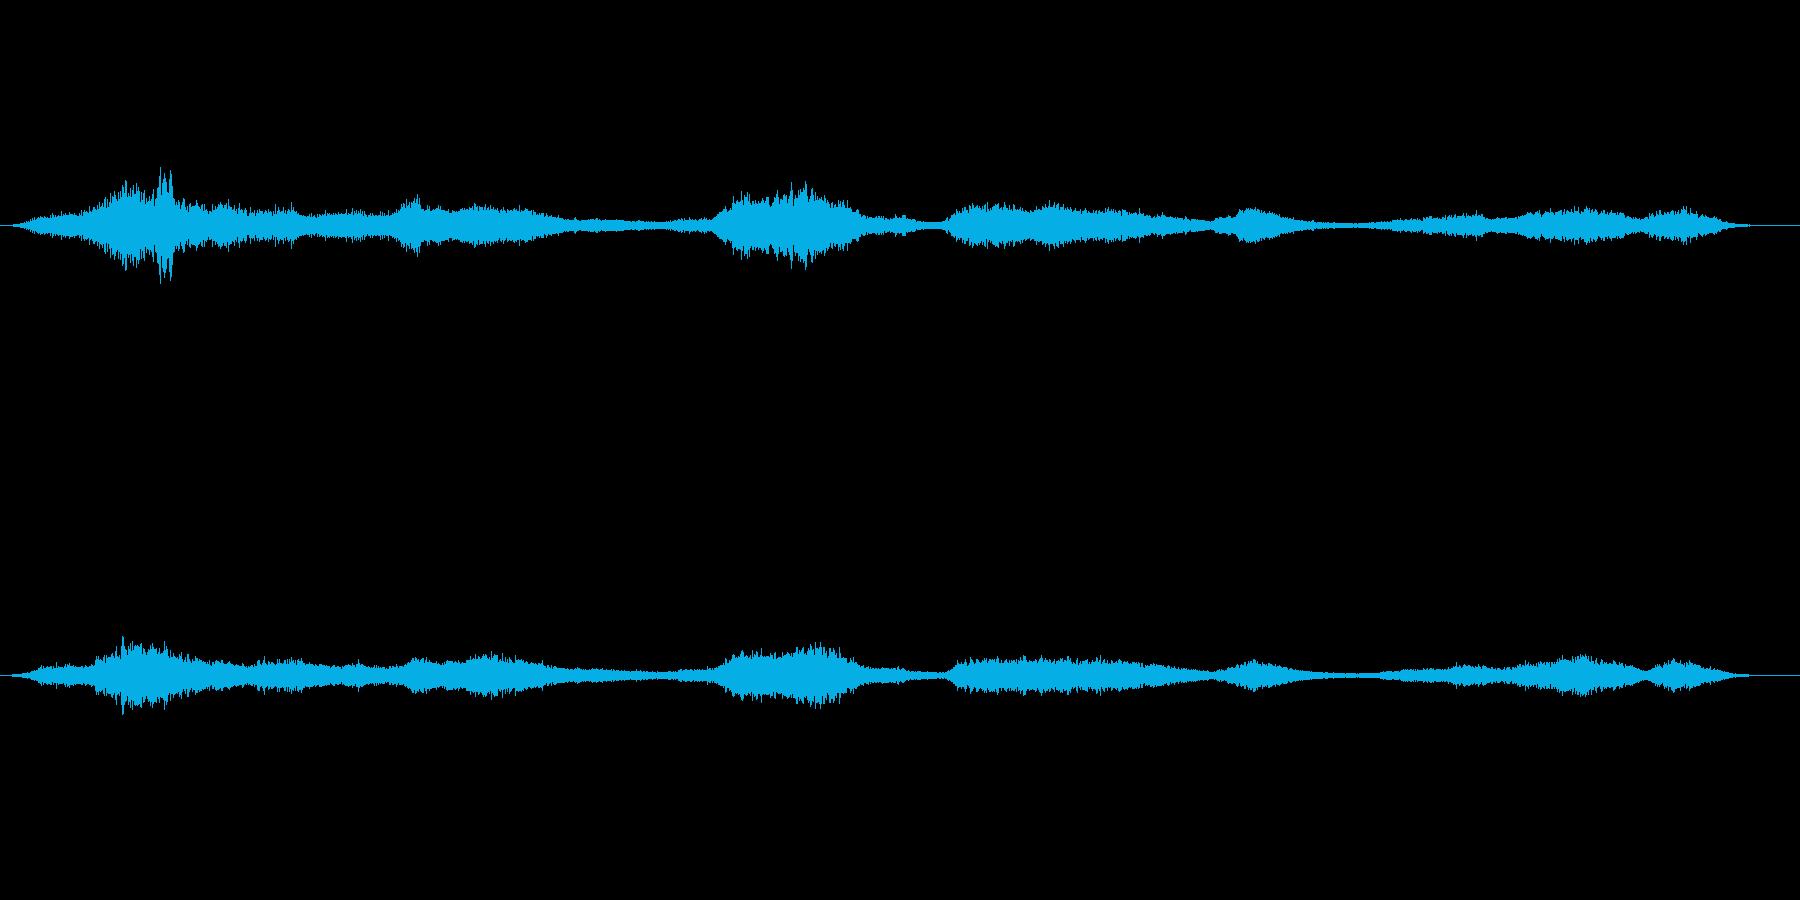 効果音 スピリチュアル、ホラー、超能力…の再生済みの波形